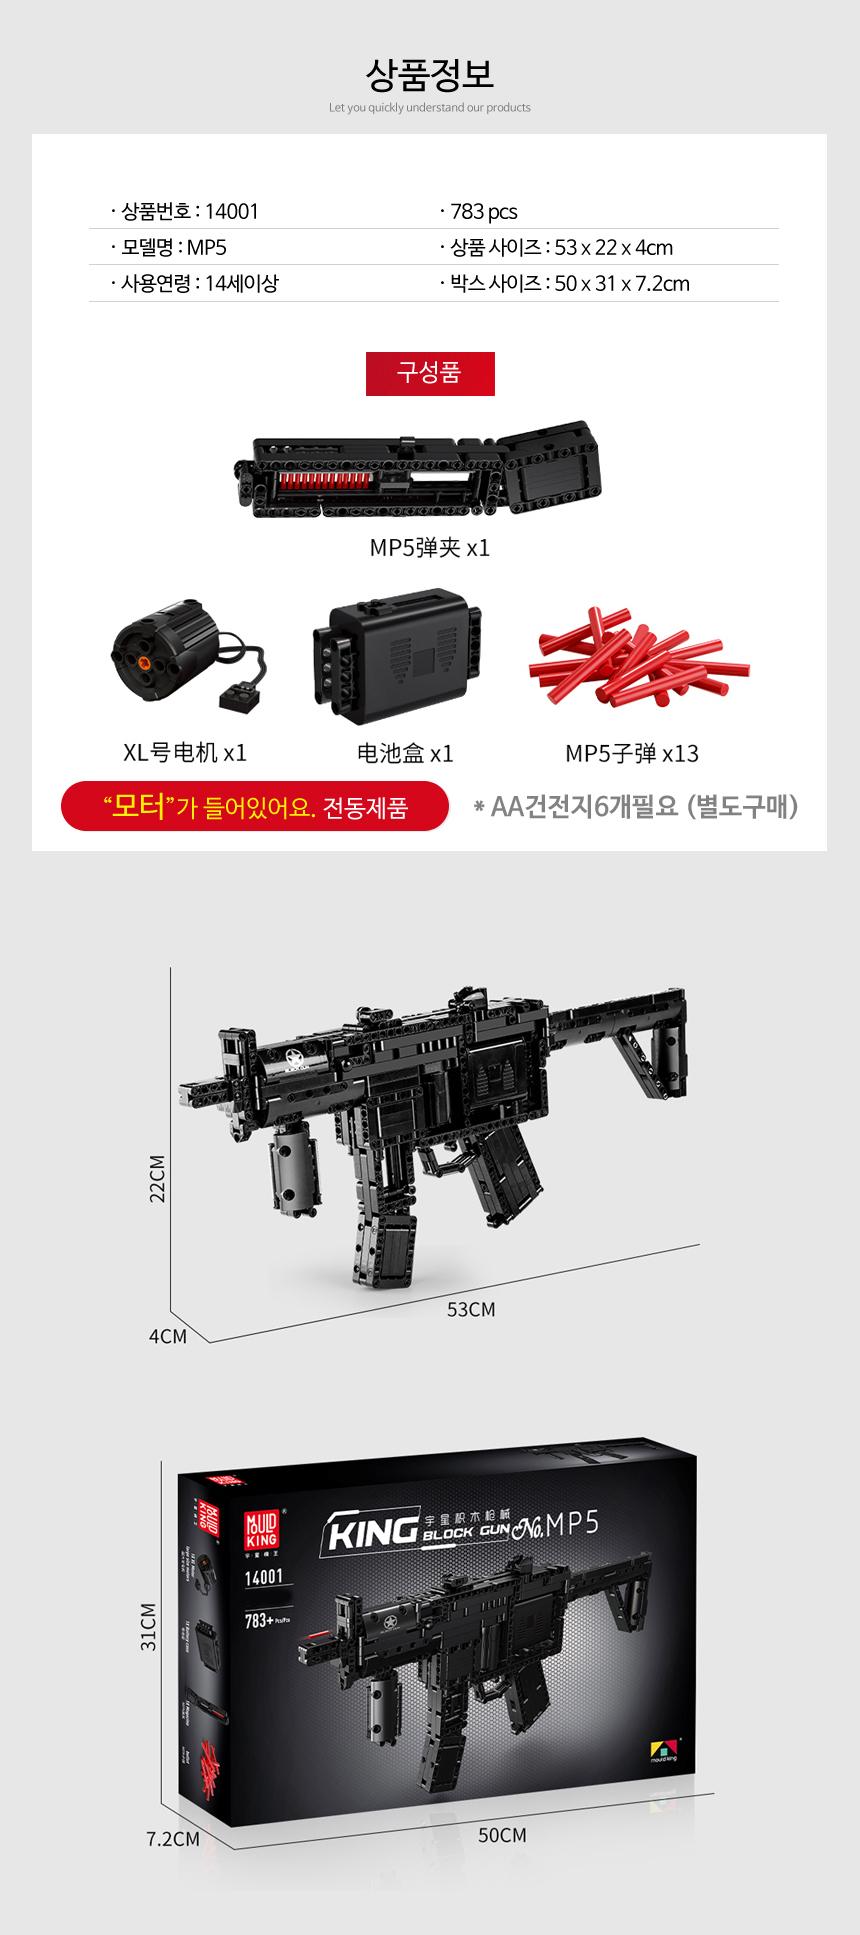 mouldking_gun_0004.jpg